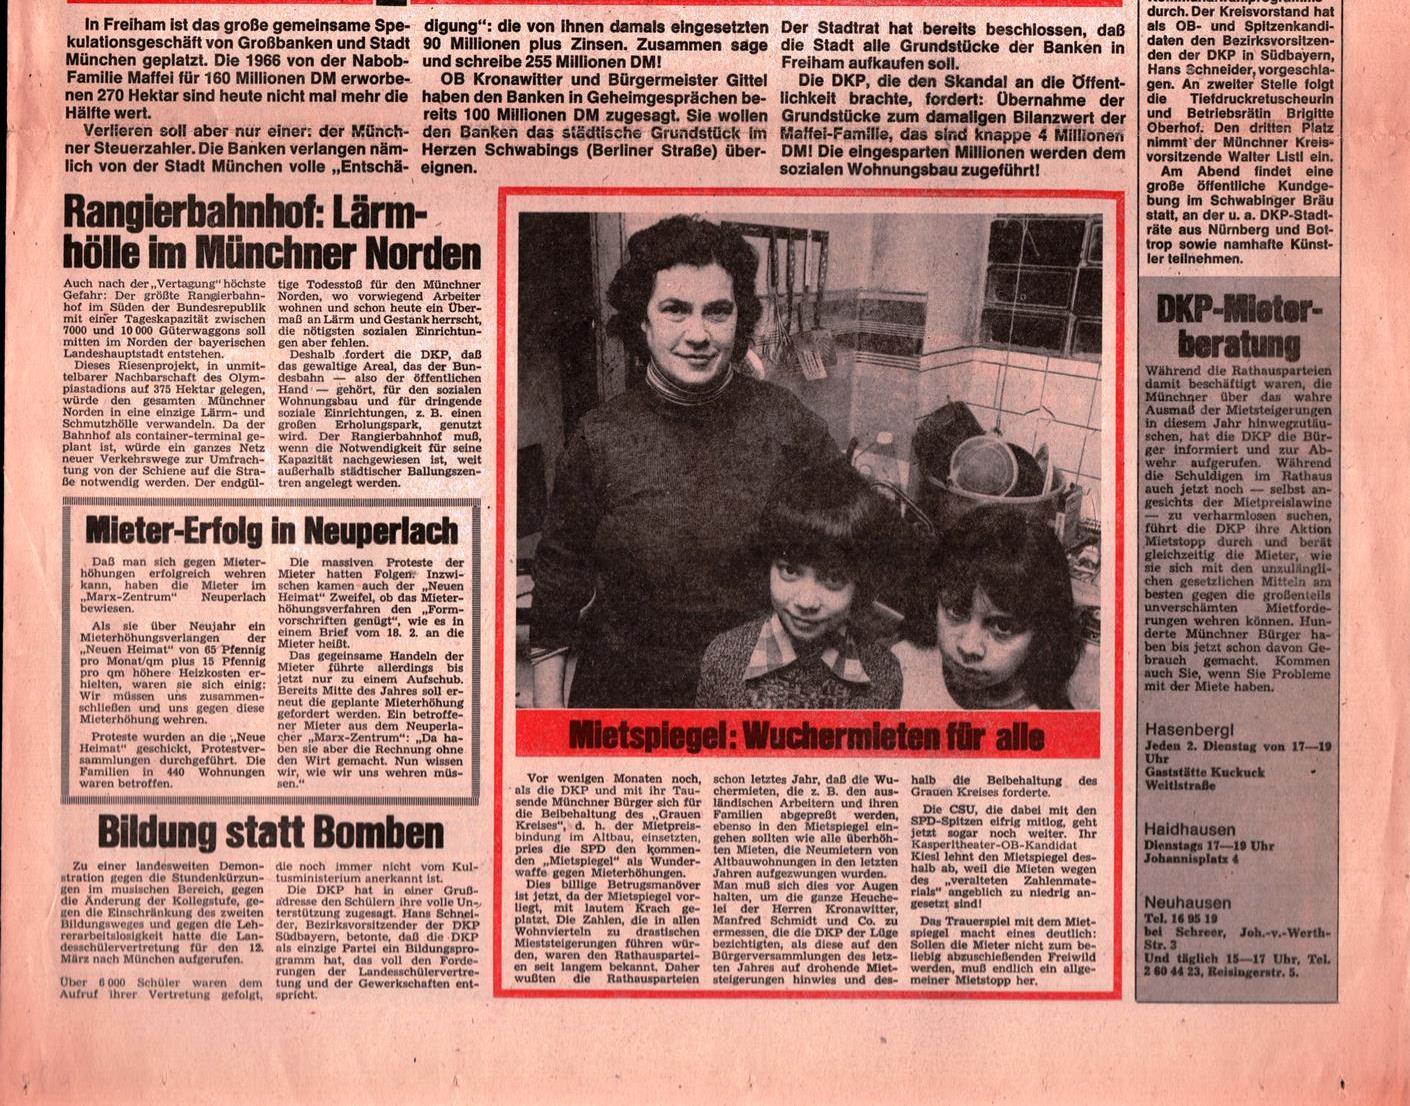 Muenchen_DKP_Neues_Muenchen_19770300_003_002